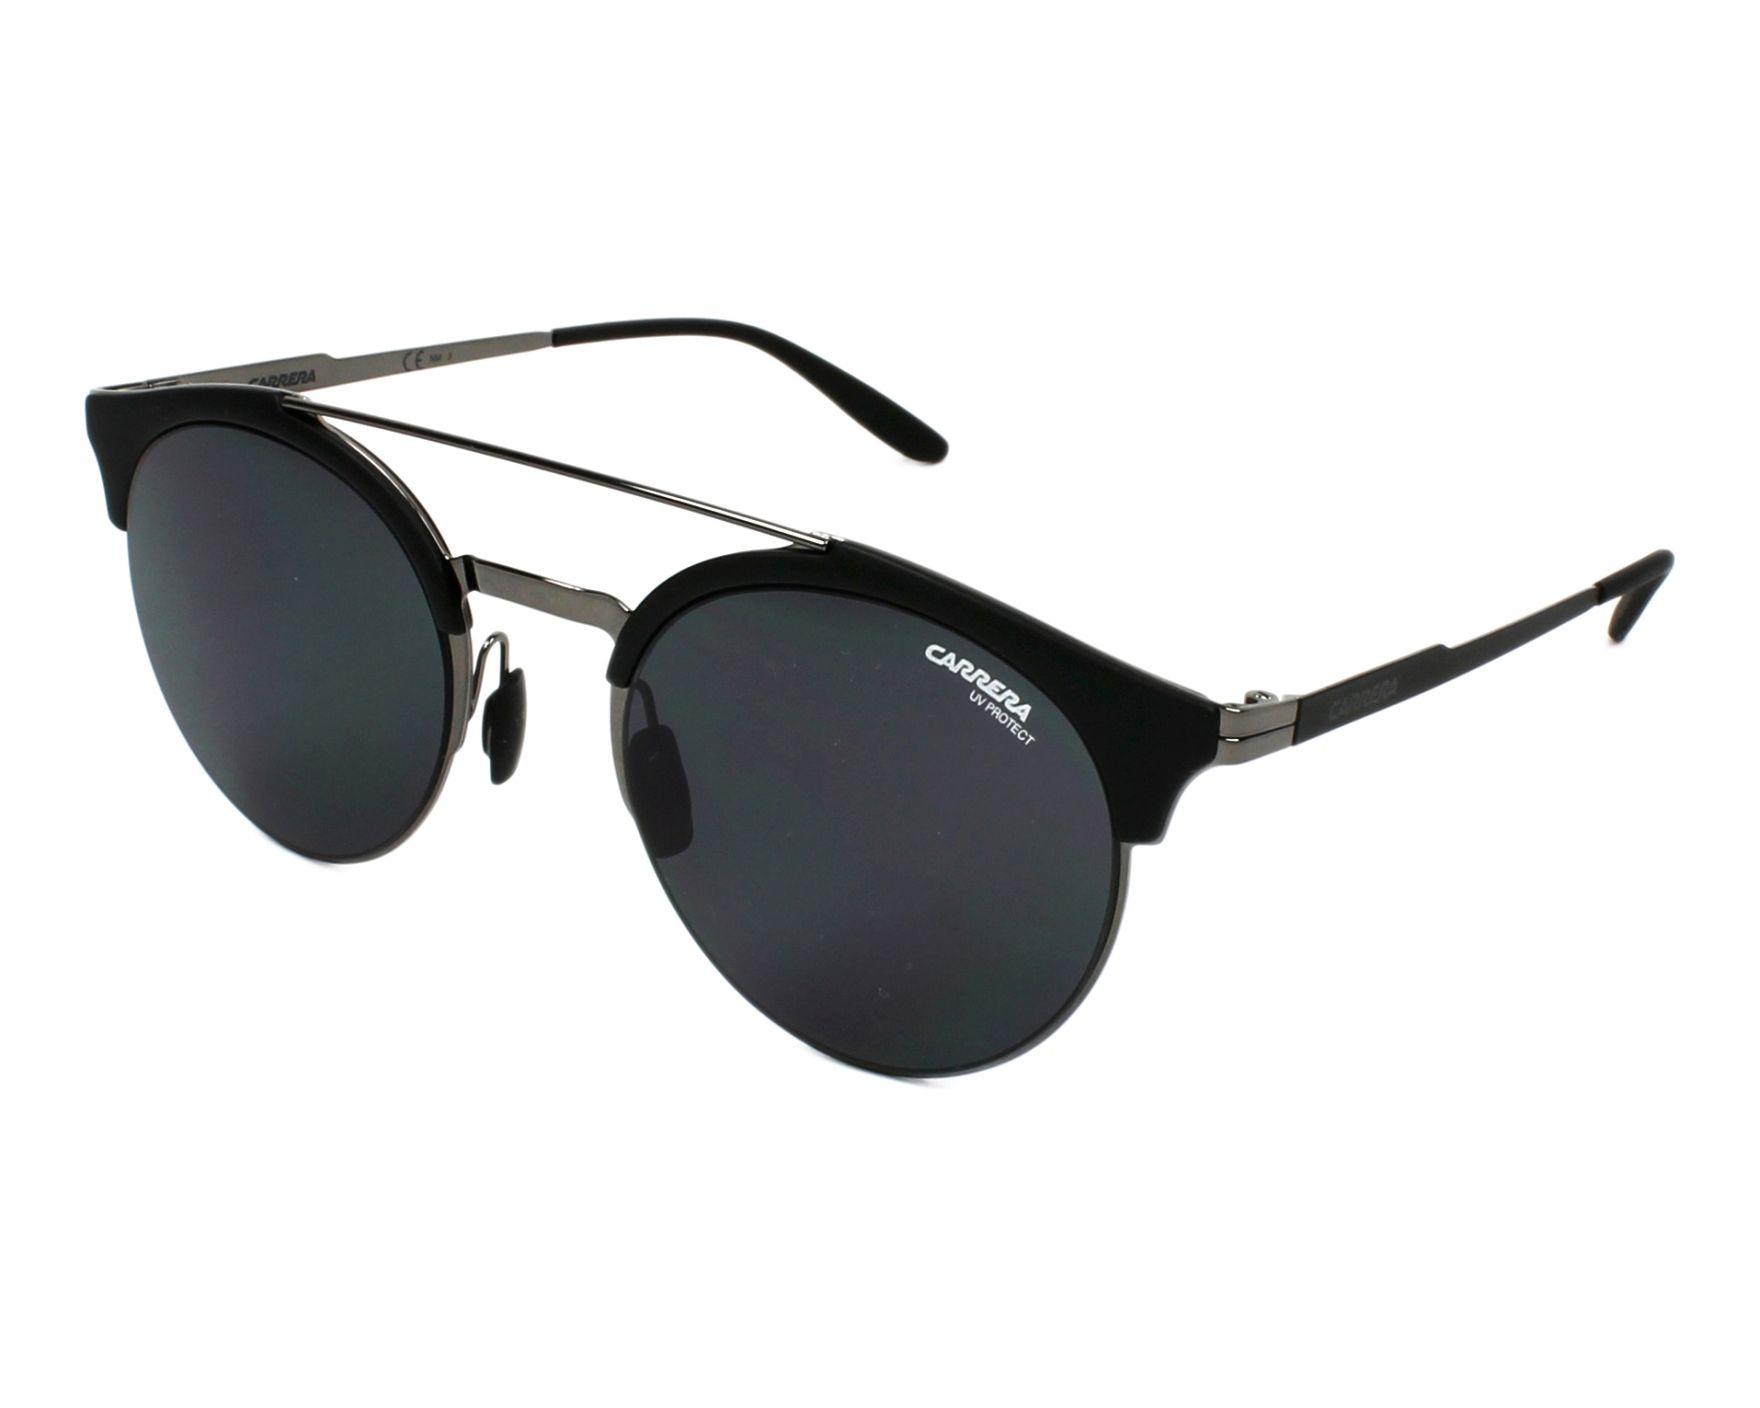 lunettes de soleil carrera carrera 141 s kj1 ir noir avec des verres gris pour mixte. Black Bedroom Furniture Sets. Home Design Ideas